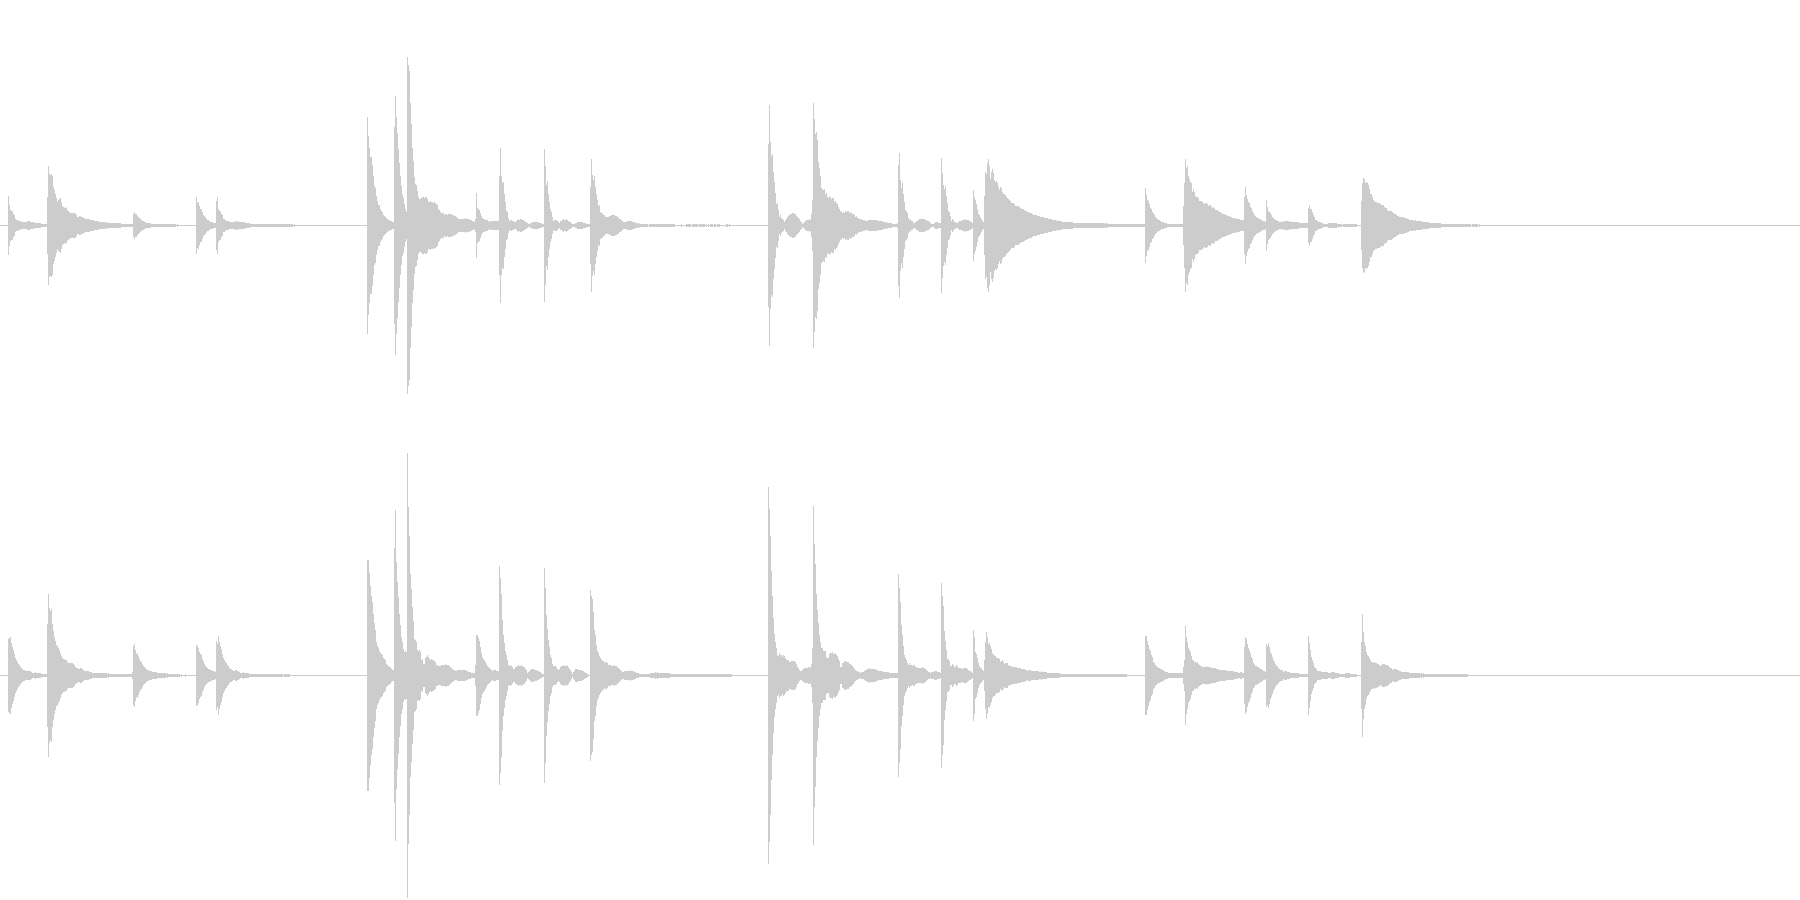 軍歌「海ゆかば」一部分・ピアノソロの未再生の波形